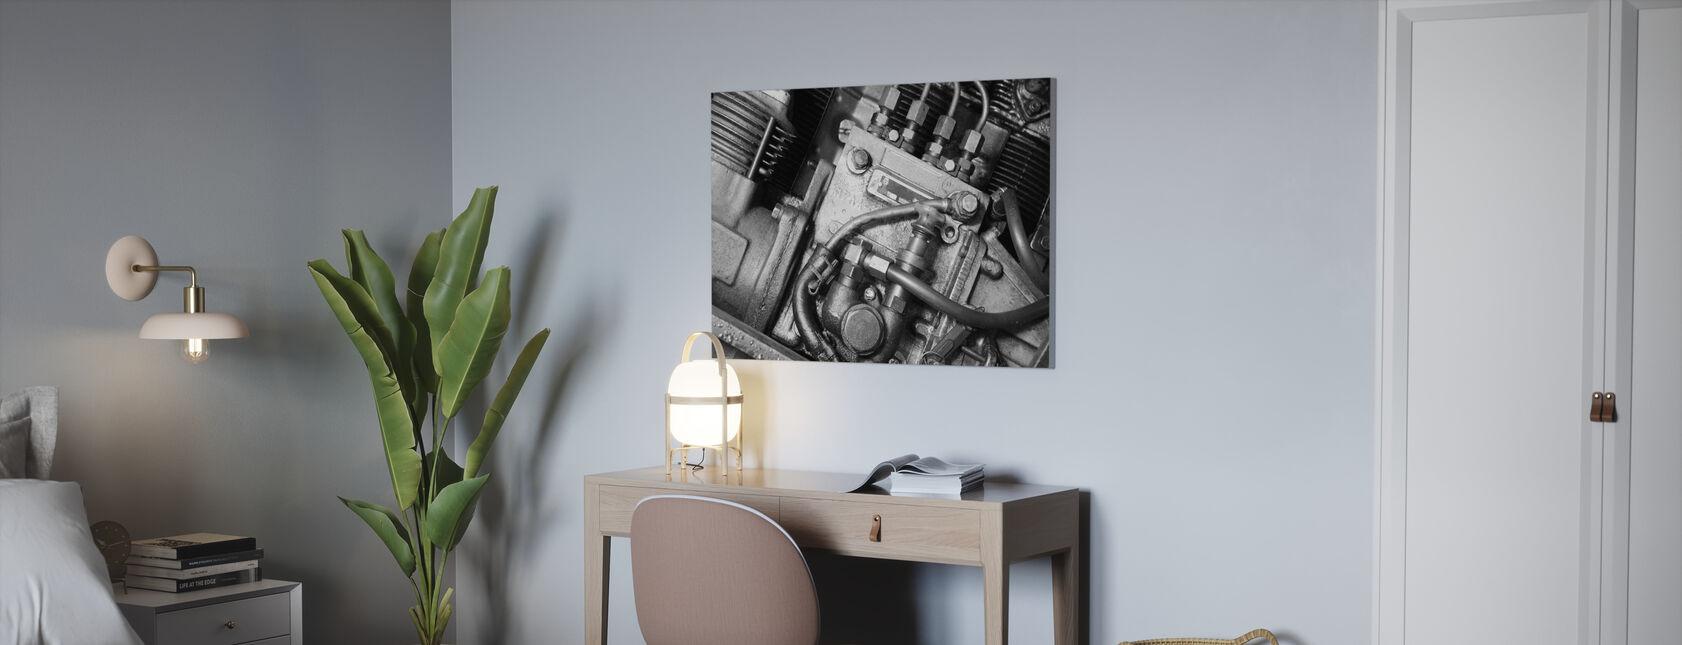 Moteur de voiture - Monochrome - Impression sur toile - Bureau